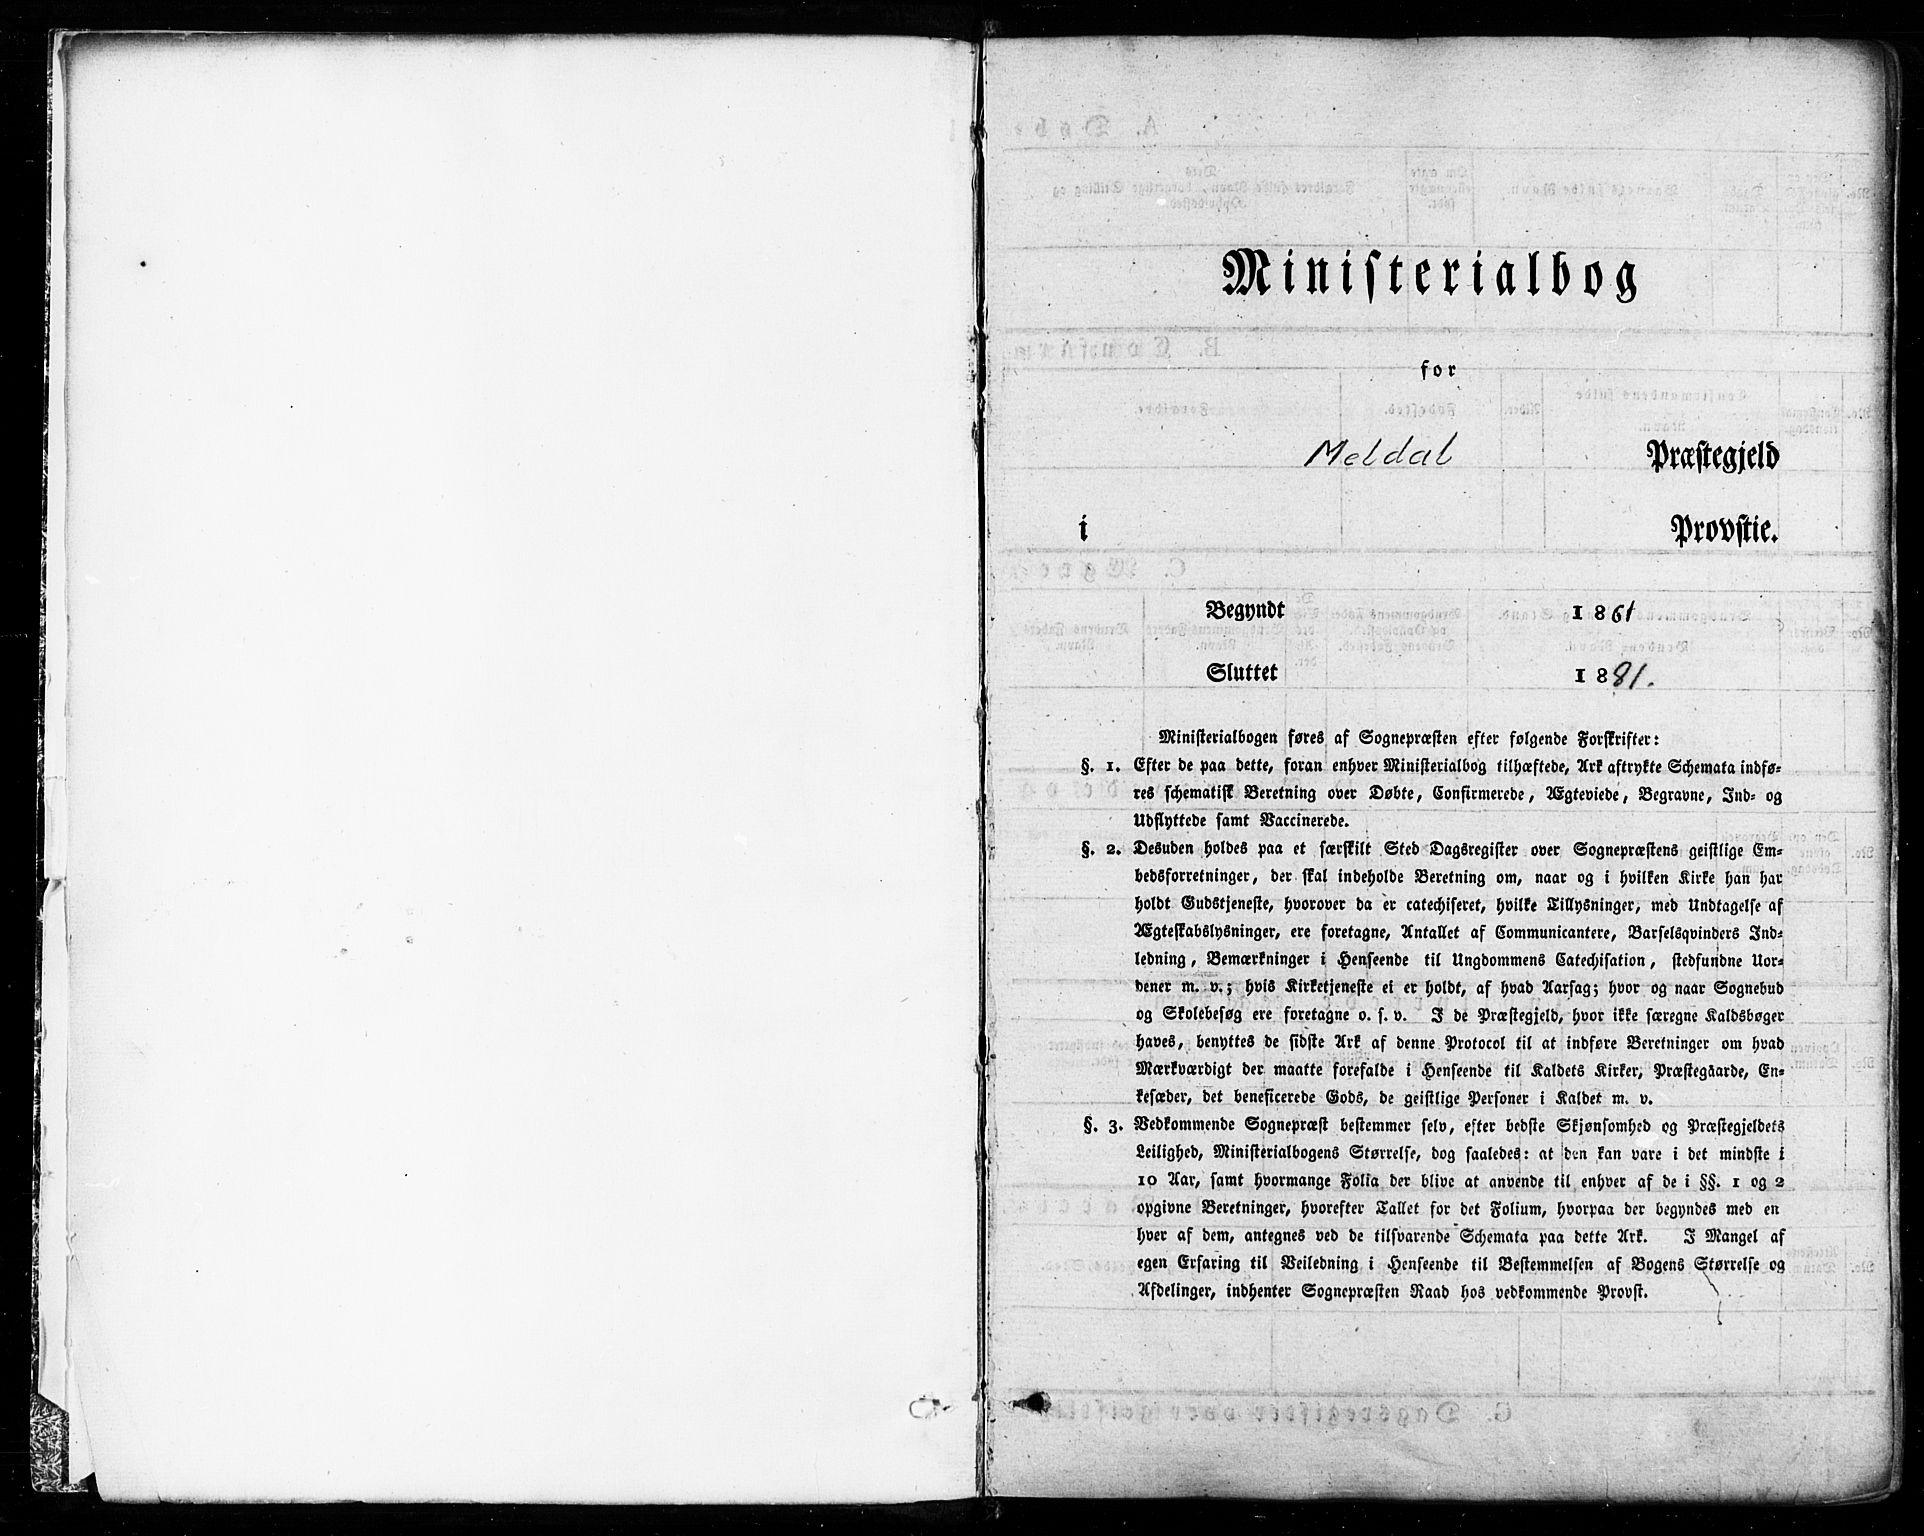 SAT, Ministerialprotokoller, klokkerbøker og fødselsregistre - Sør-Trøndelag, 672/L0856: Ministerialbok nr. 672A08, 1861-1881